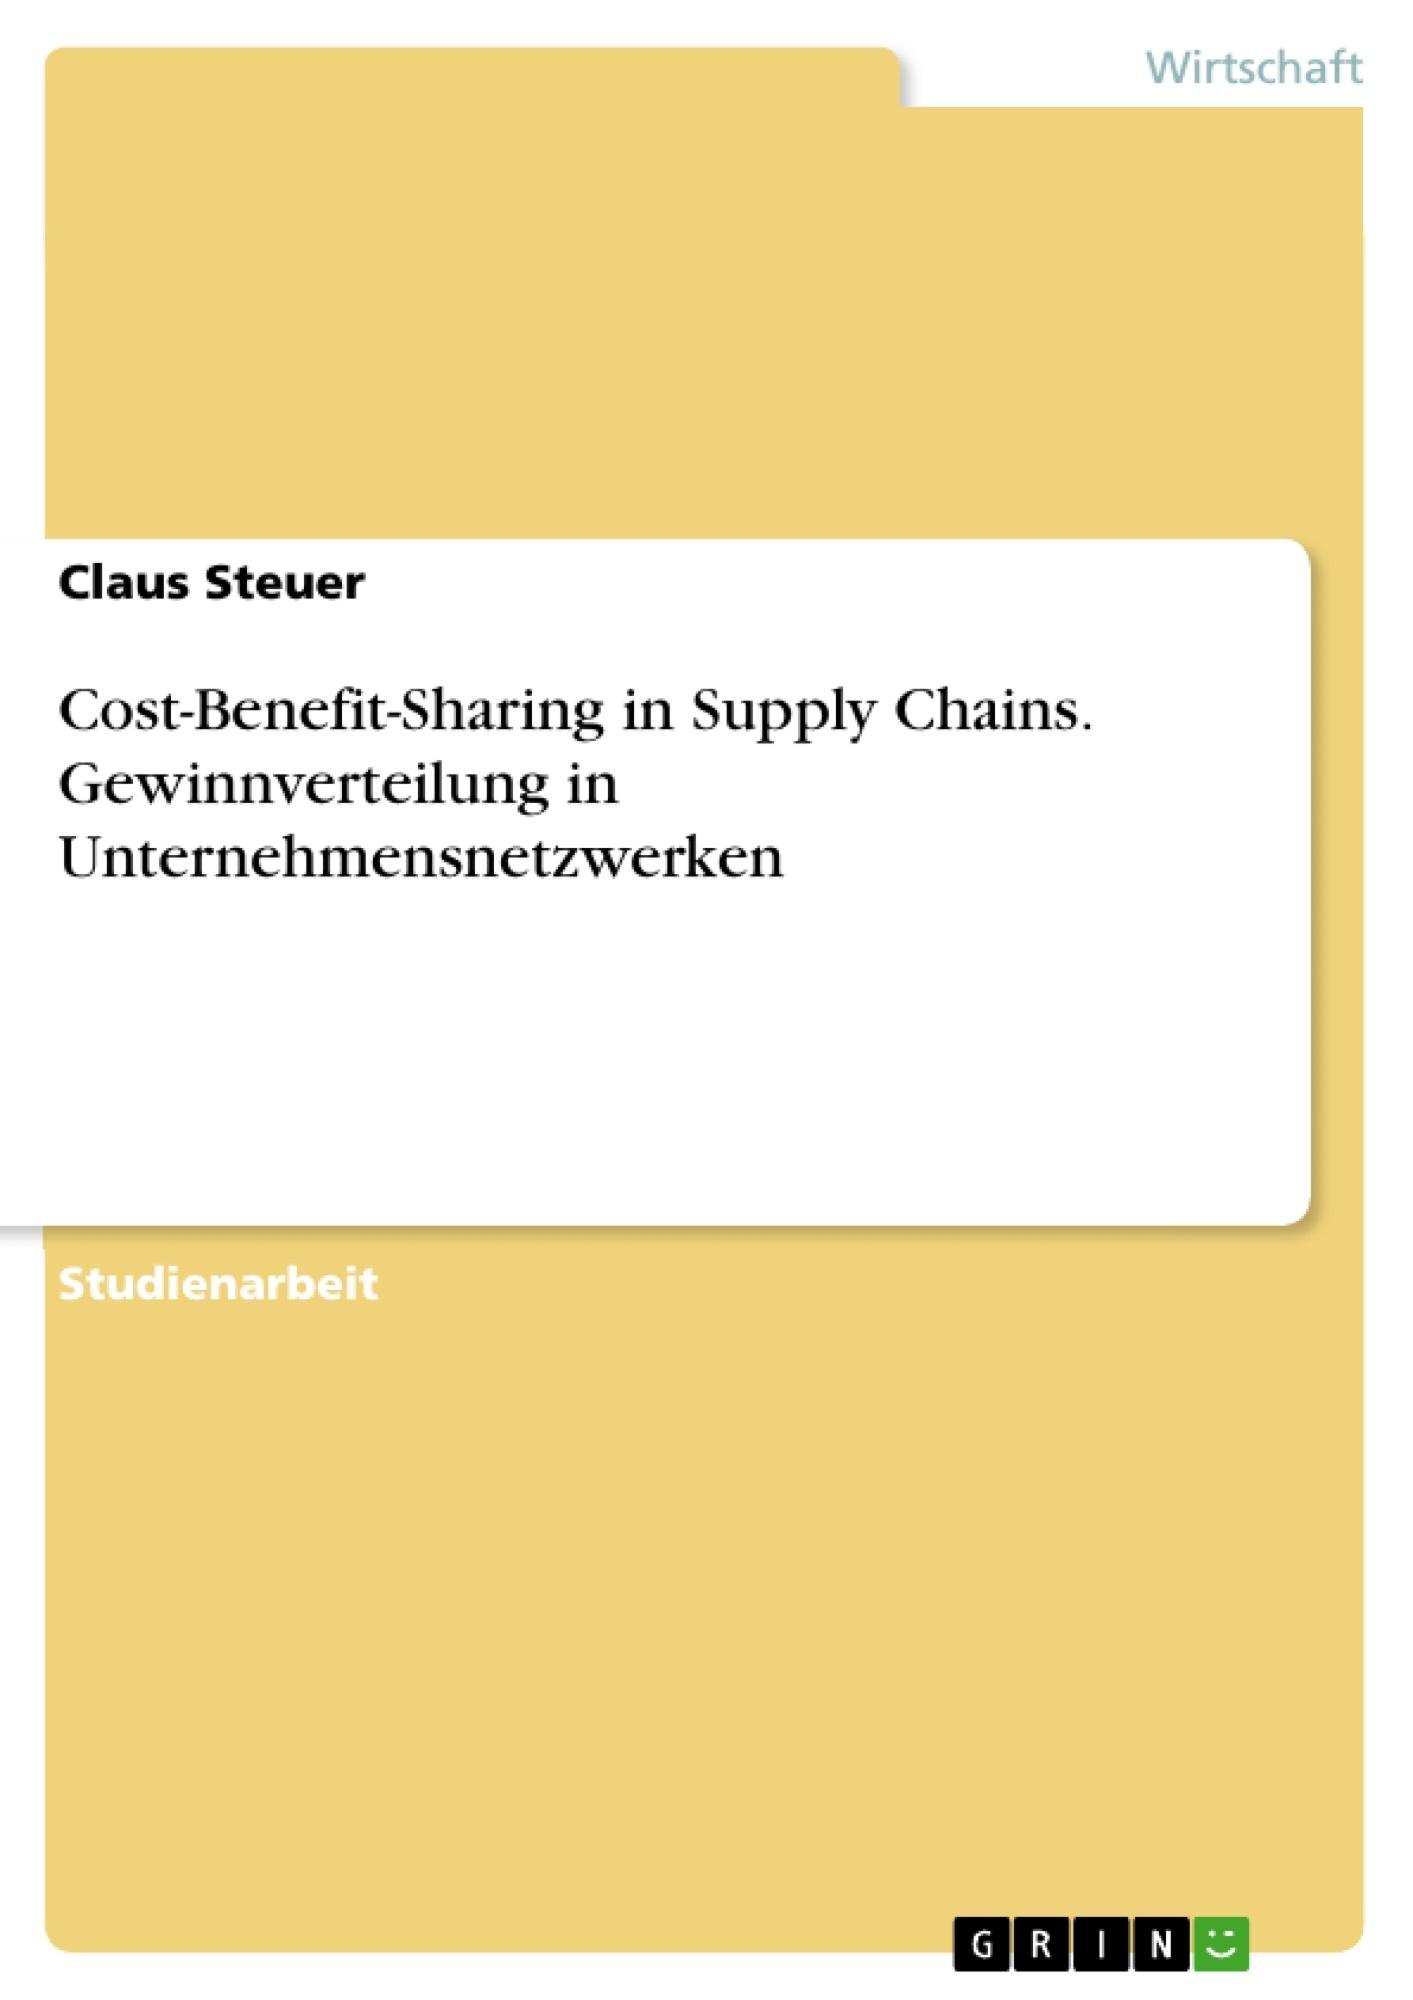 Titel: Cost-Benefit-Sharing in Supply Chains. Gewinnverteilung in Unternehmensnetzwerken